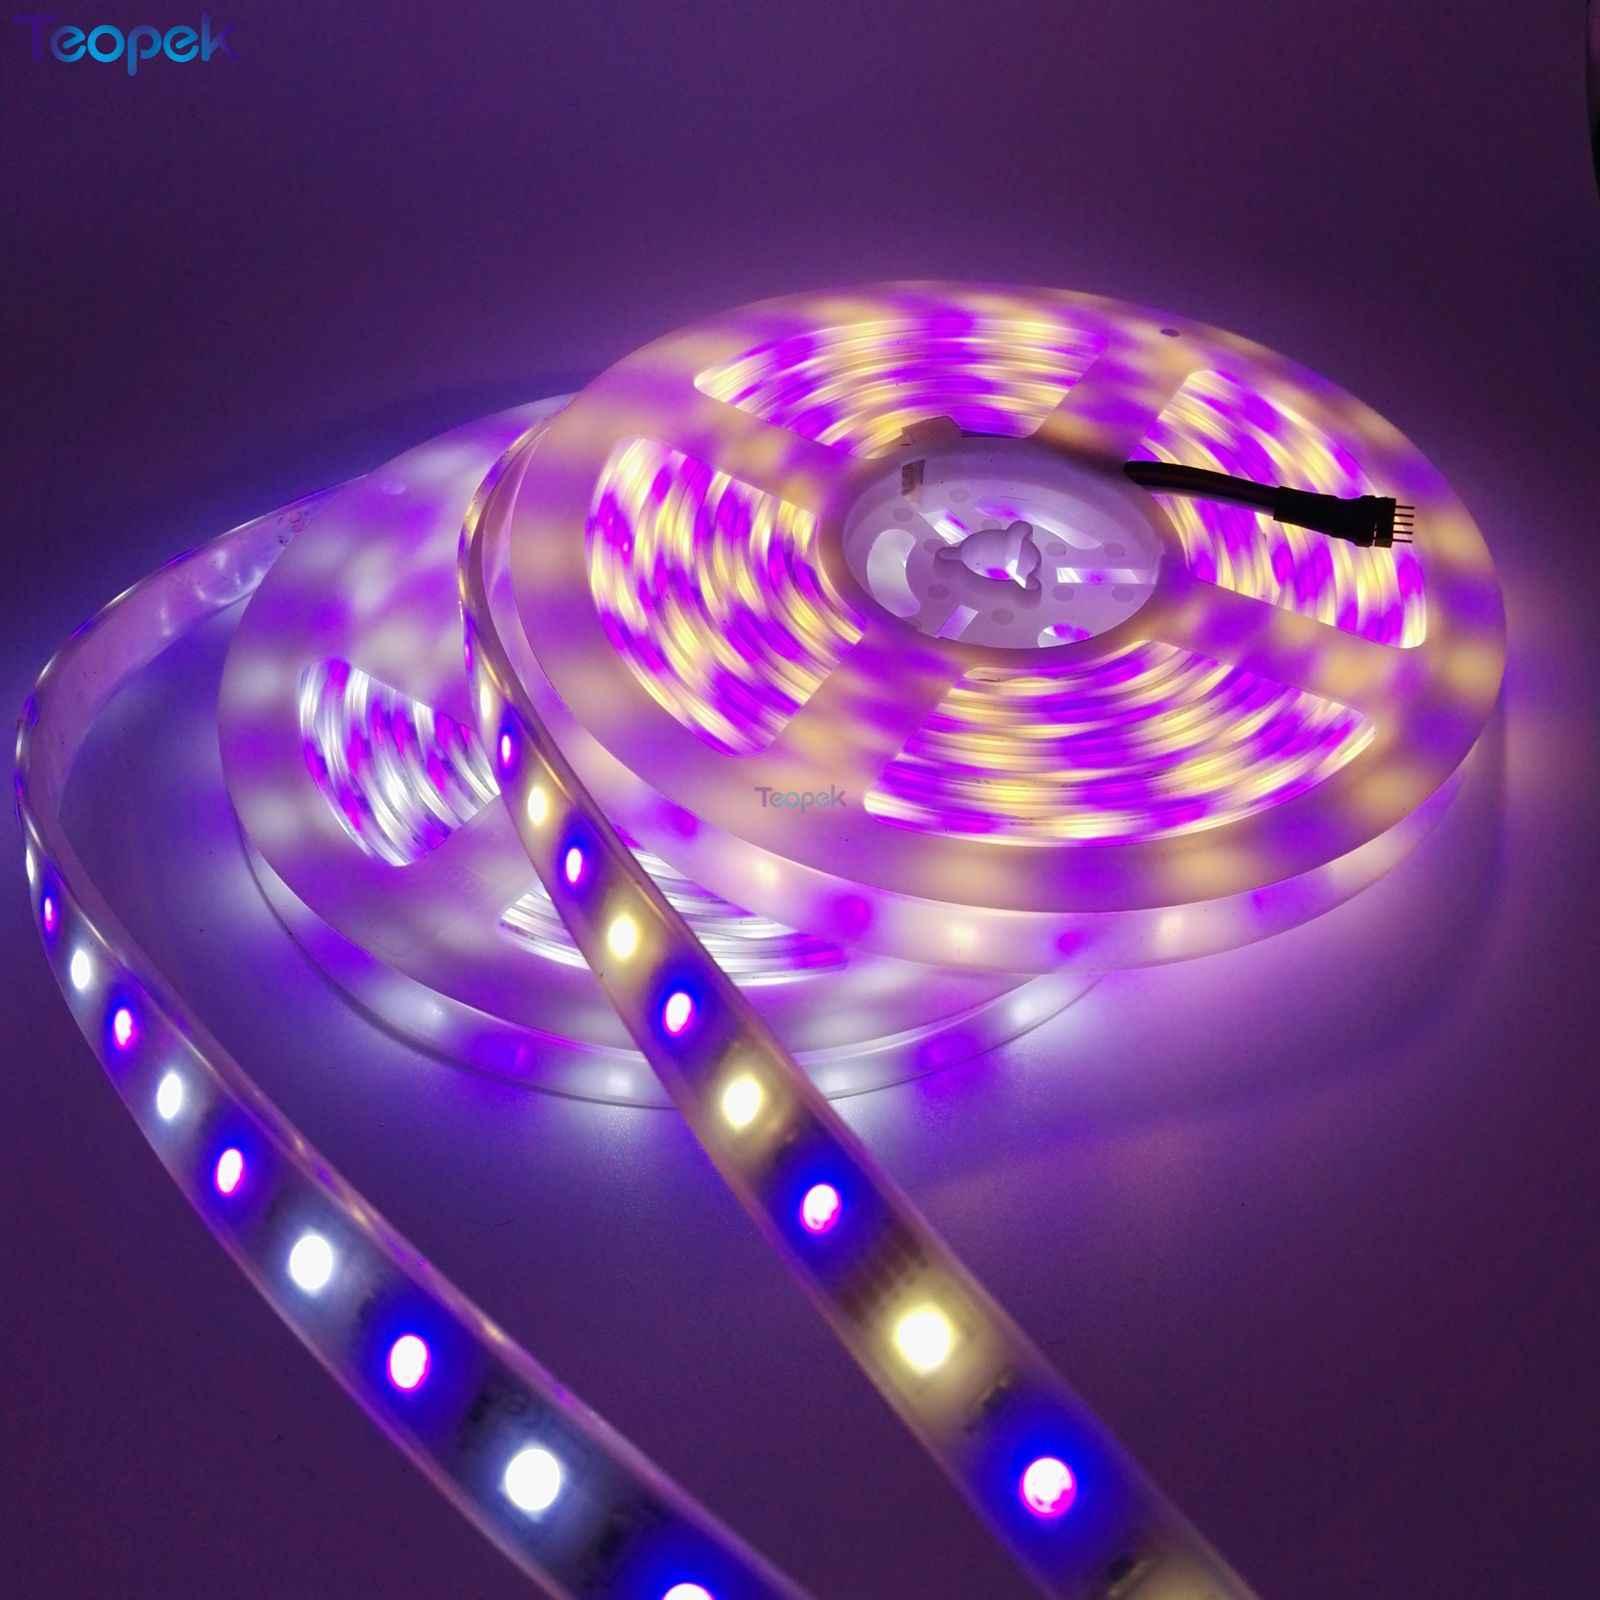 Tira de luces LED 5050, 60 LEDs/m, cinta de iluminación de decoración LED RGB RGBW RGB CCT Blanco/blanco cálido/azul/verde/rojo 5 m/lote 12V